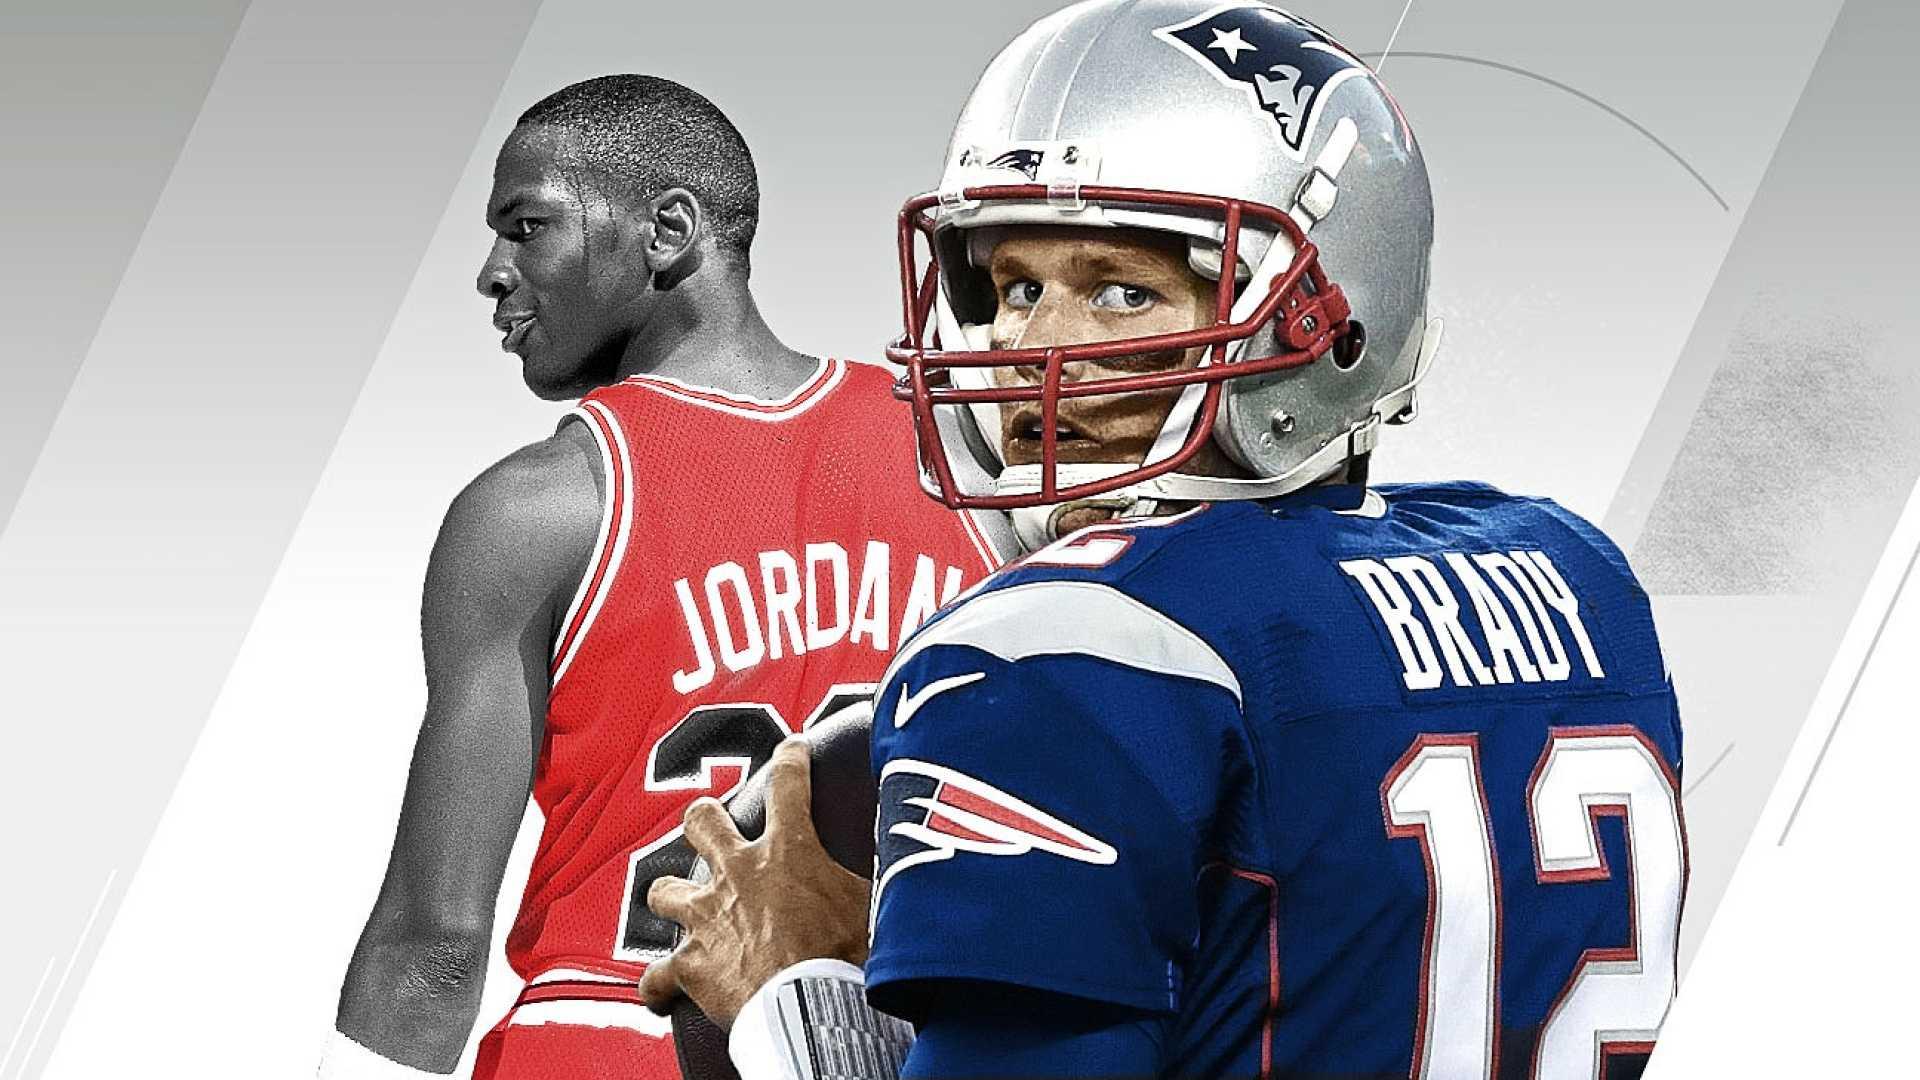 True GOAT: Brady or Jordan?